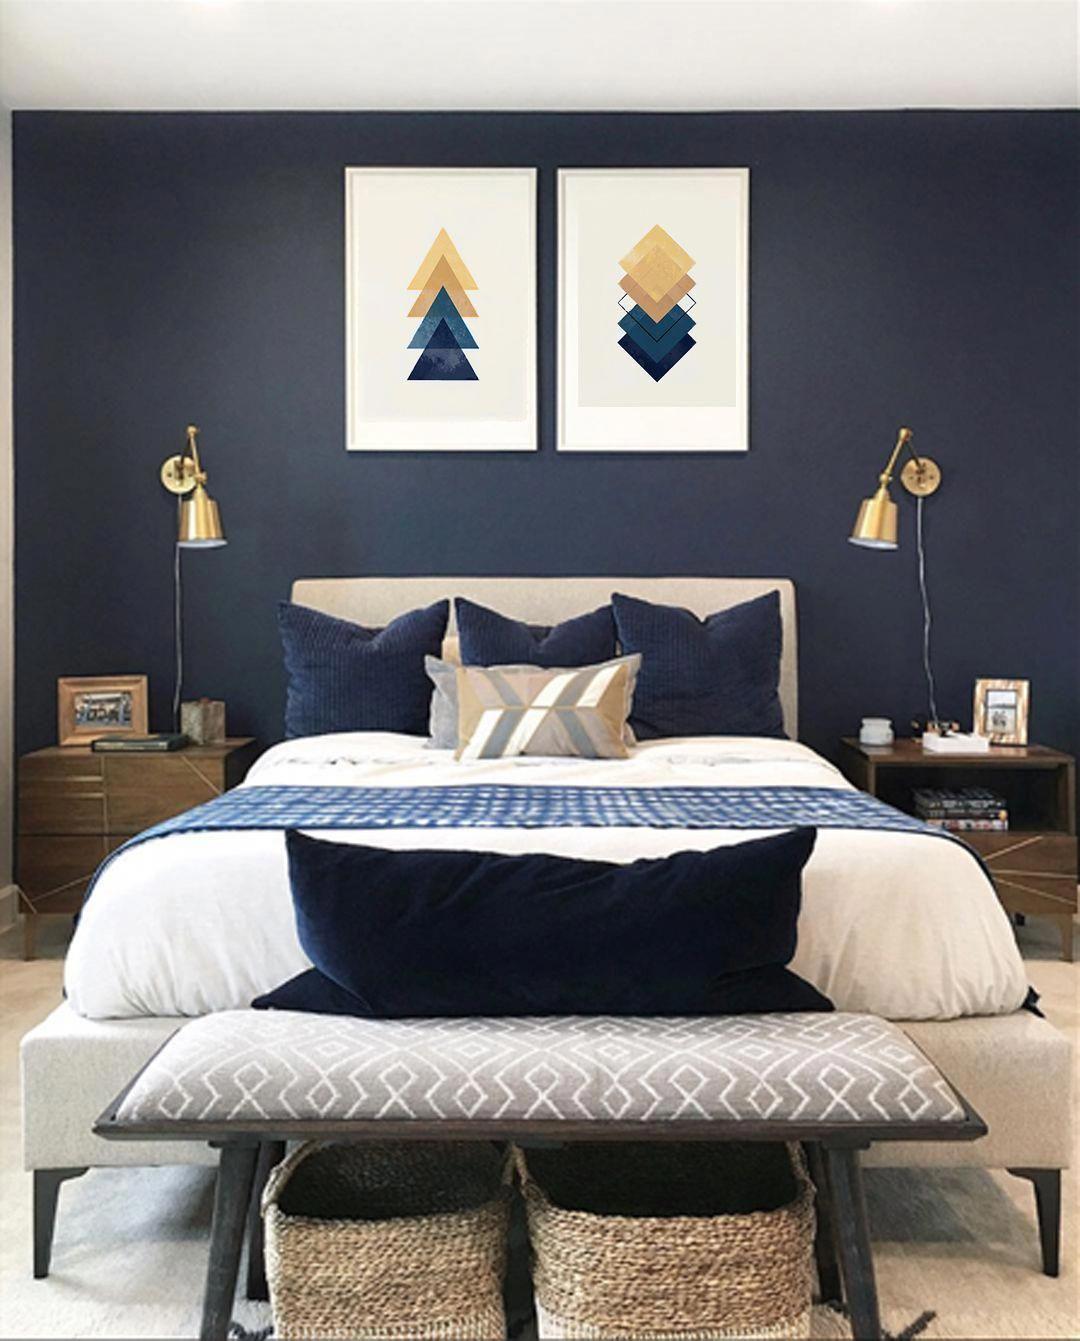 Pin On Small Bedroom Ideas Barndominiumfloorplans Com